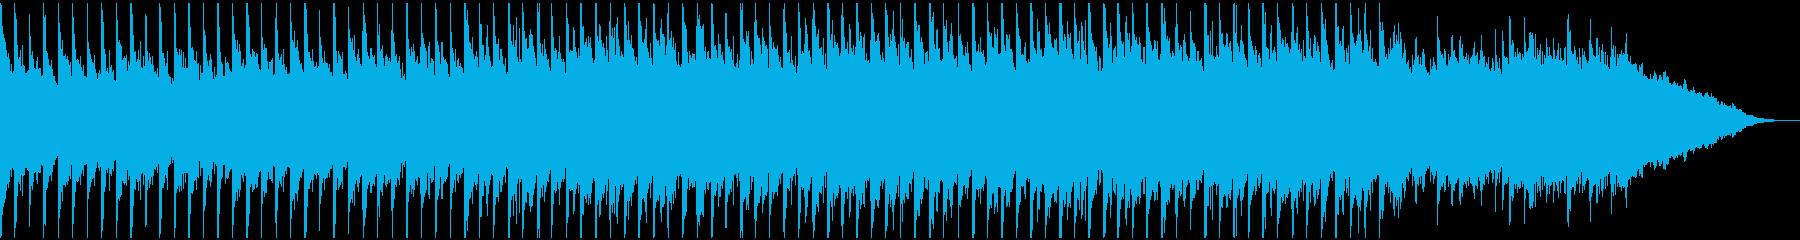 60秒ver企業VP,コーポレート,清涼の再生済みの波形